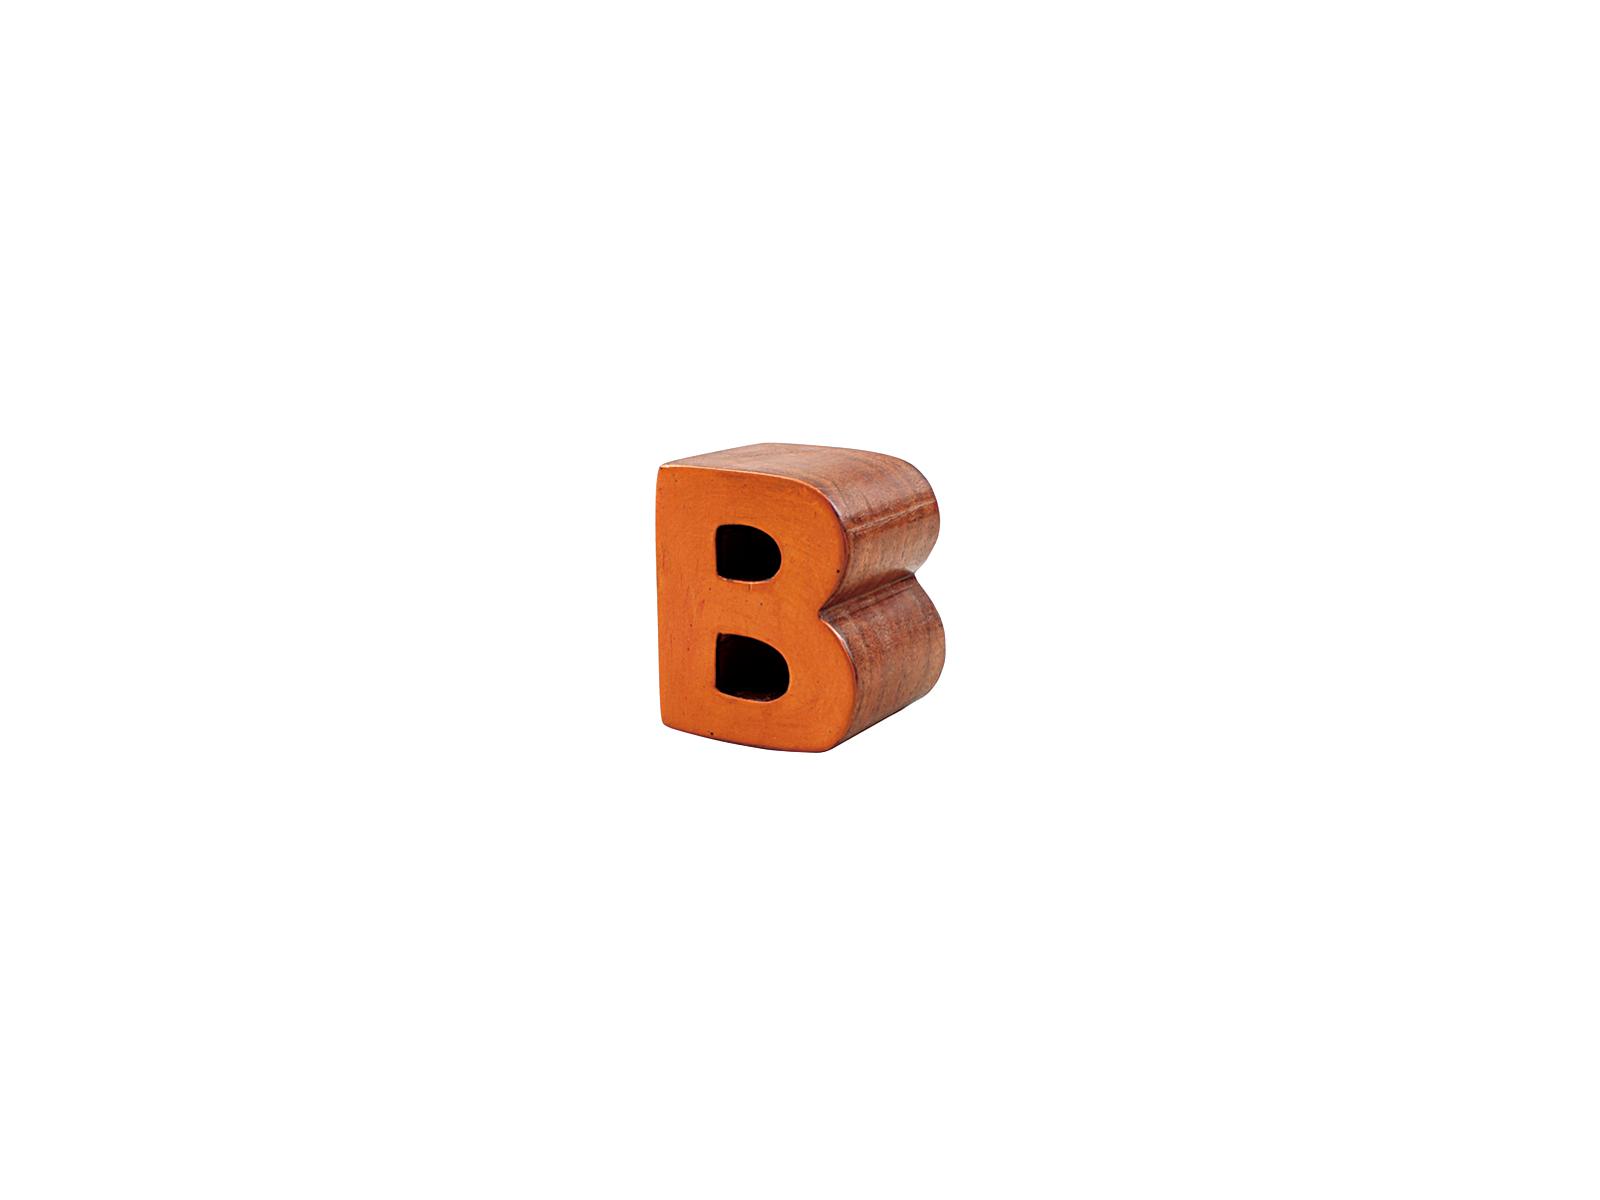 アルファベットブロックB